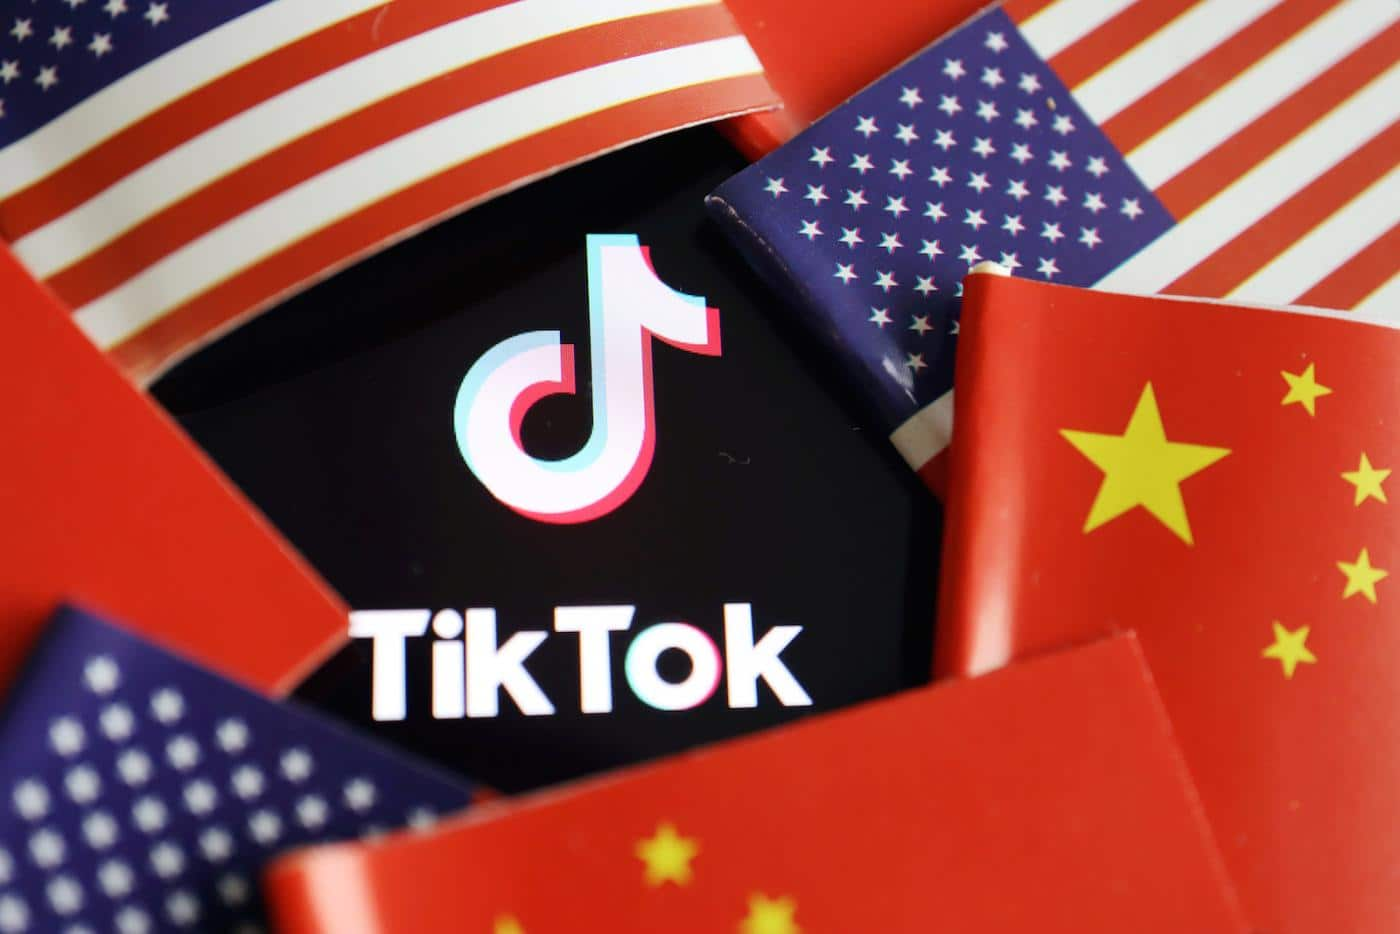 U.S vs China power tussle over TikTok